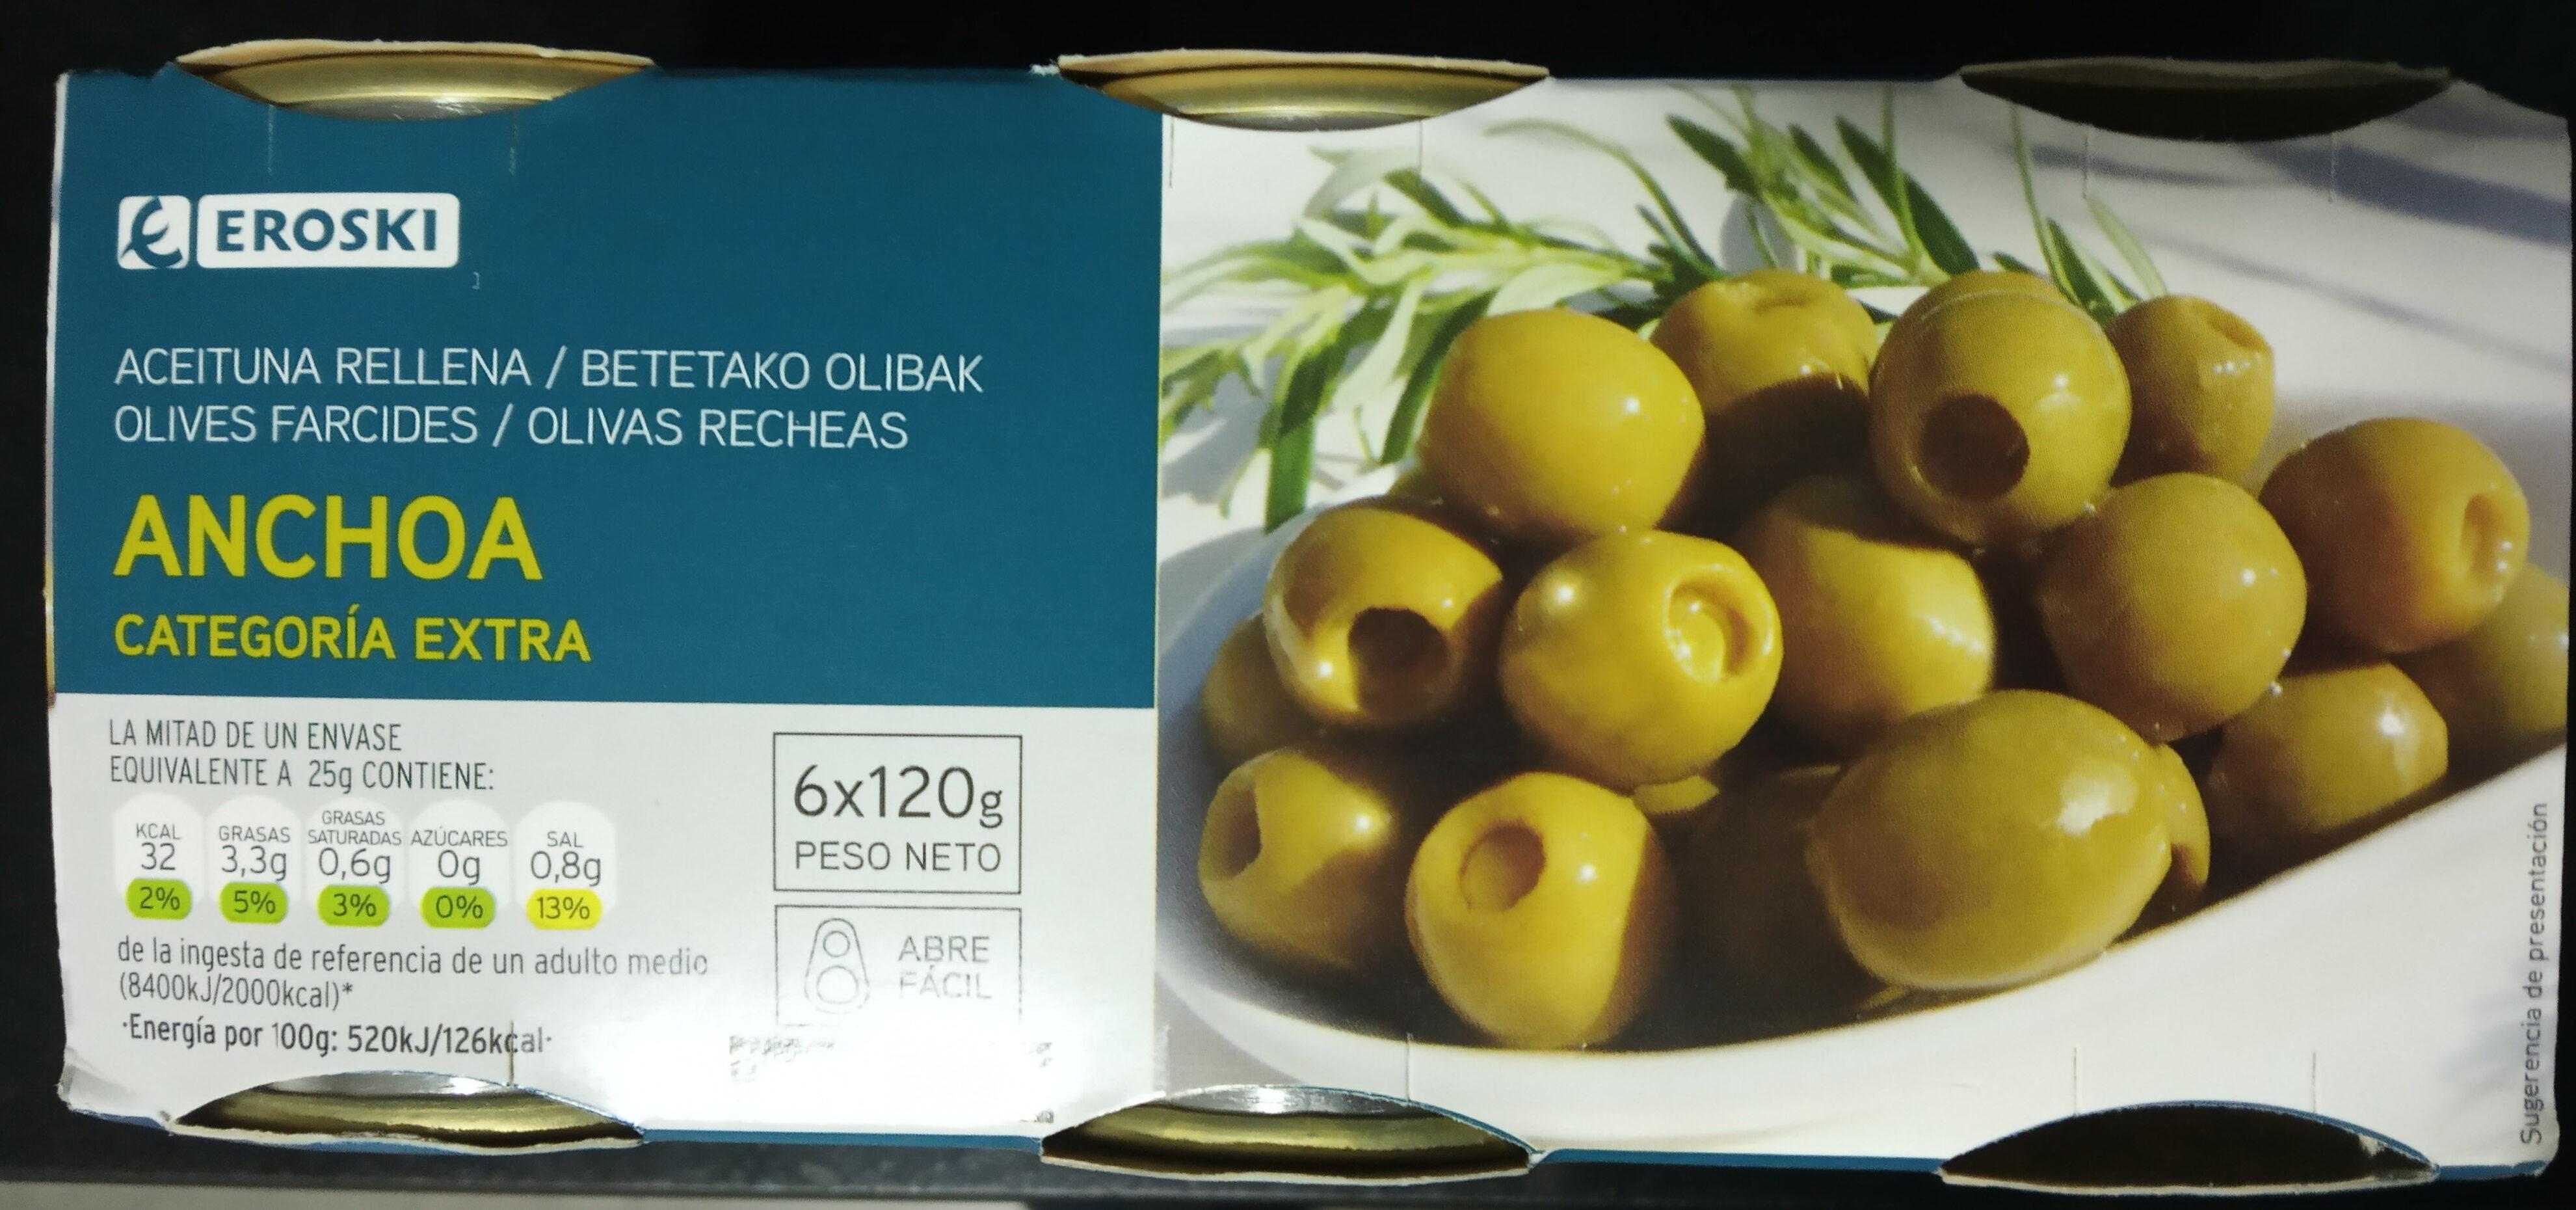 Aceituna Rellena Anchoa - Product - en